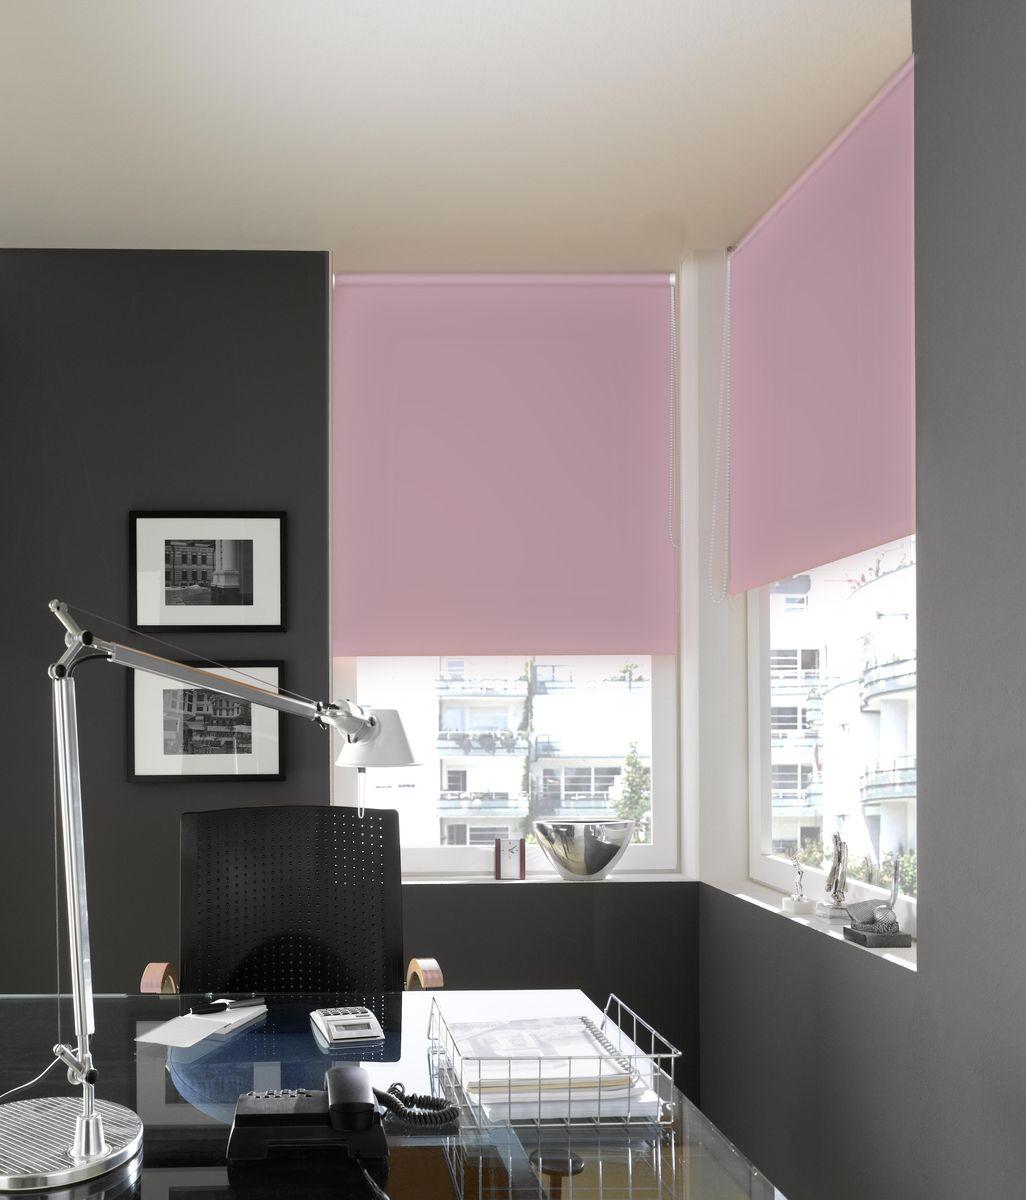 Штора рулонная Эскар Миниролло. Blackout, светонепроницаемая, цвет: розовый кварц, ширина 37 см, высота 170 см34933037170Рулонными шторамиЭскар Миниролло. Blackout можно оформлять окна как самостоятельно, так и использовать в комбинации с портьерами. Это поможет предотвратить выгорание дорогой ткани на солнце и соединит функционал рулонных с красотой навесных. Преимущества применения рулонных штор для пластиковых окон: - имеют прекрасный внешний вид: многообразие и фактурность материала изделия отлично смотрятся в любом интерьере;- многофункциональны: есть возможность подобрать шторы способные эффективно защитить комнату от солнца, при этом она не будет слишком темной;- есть возможность осуществить быстрый монтаж.ВНИМАНИЕ! Размеры ширины изделия указаны по ширине ткани! Во время эксплуатации не рекомендуется полностью разматывать рулон, чтобы не оторвать ткань от намоточного вала. В случае загрязнения поверхности ткани, чистку шторы проводят одним из способов, в зависимости от типа загрязнения:легкое поверхностное загрязнение можно удалить при помощи канцелярского ластика;чистка от пыли производится сухим методом при помощи пылесоса с мягкой щеткой-насадкой;для удаления пятна используйте мягкую губку с пенообразующим неагрессивным моющим средством или пятновыводитель на натуральной основе (нельзя применять растворители).